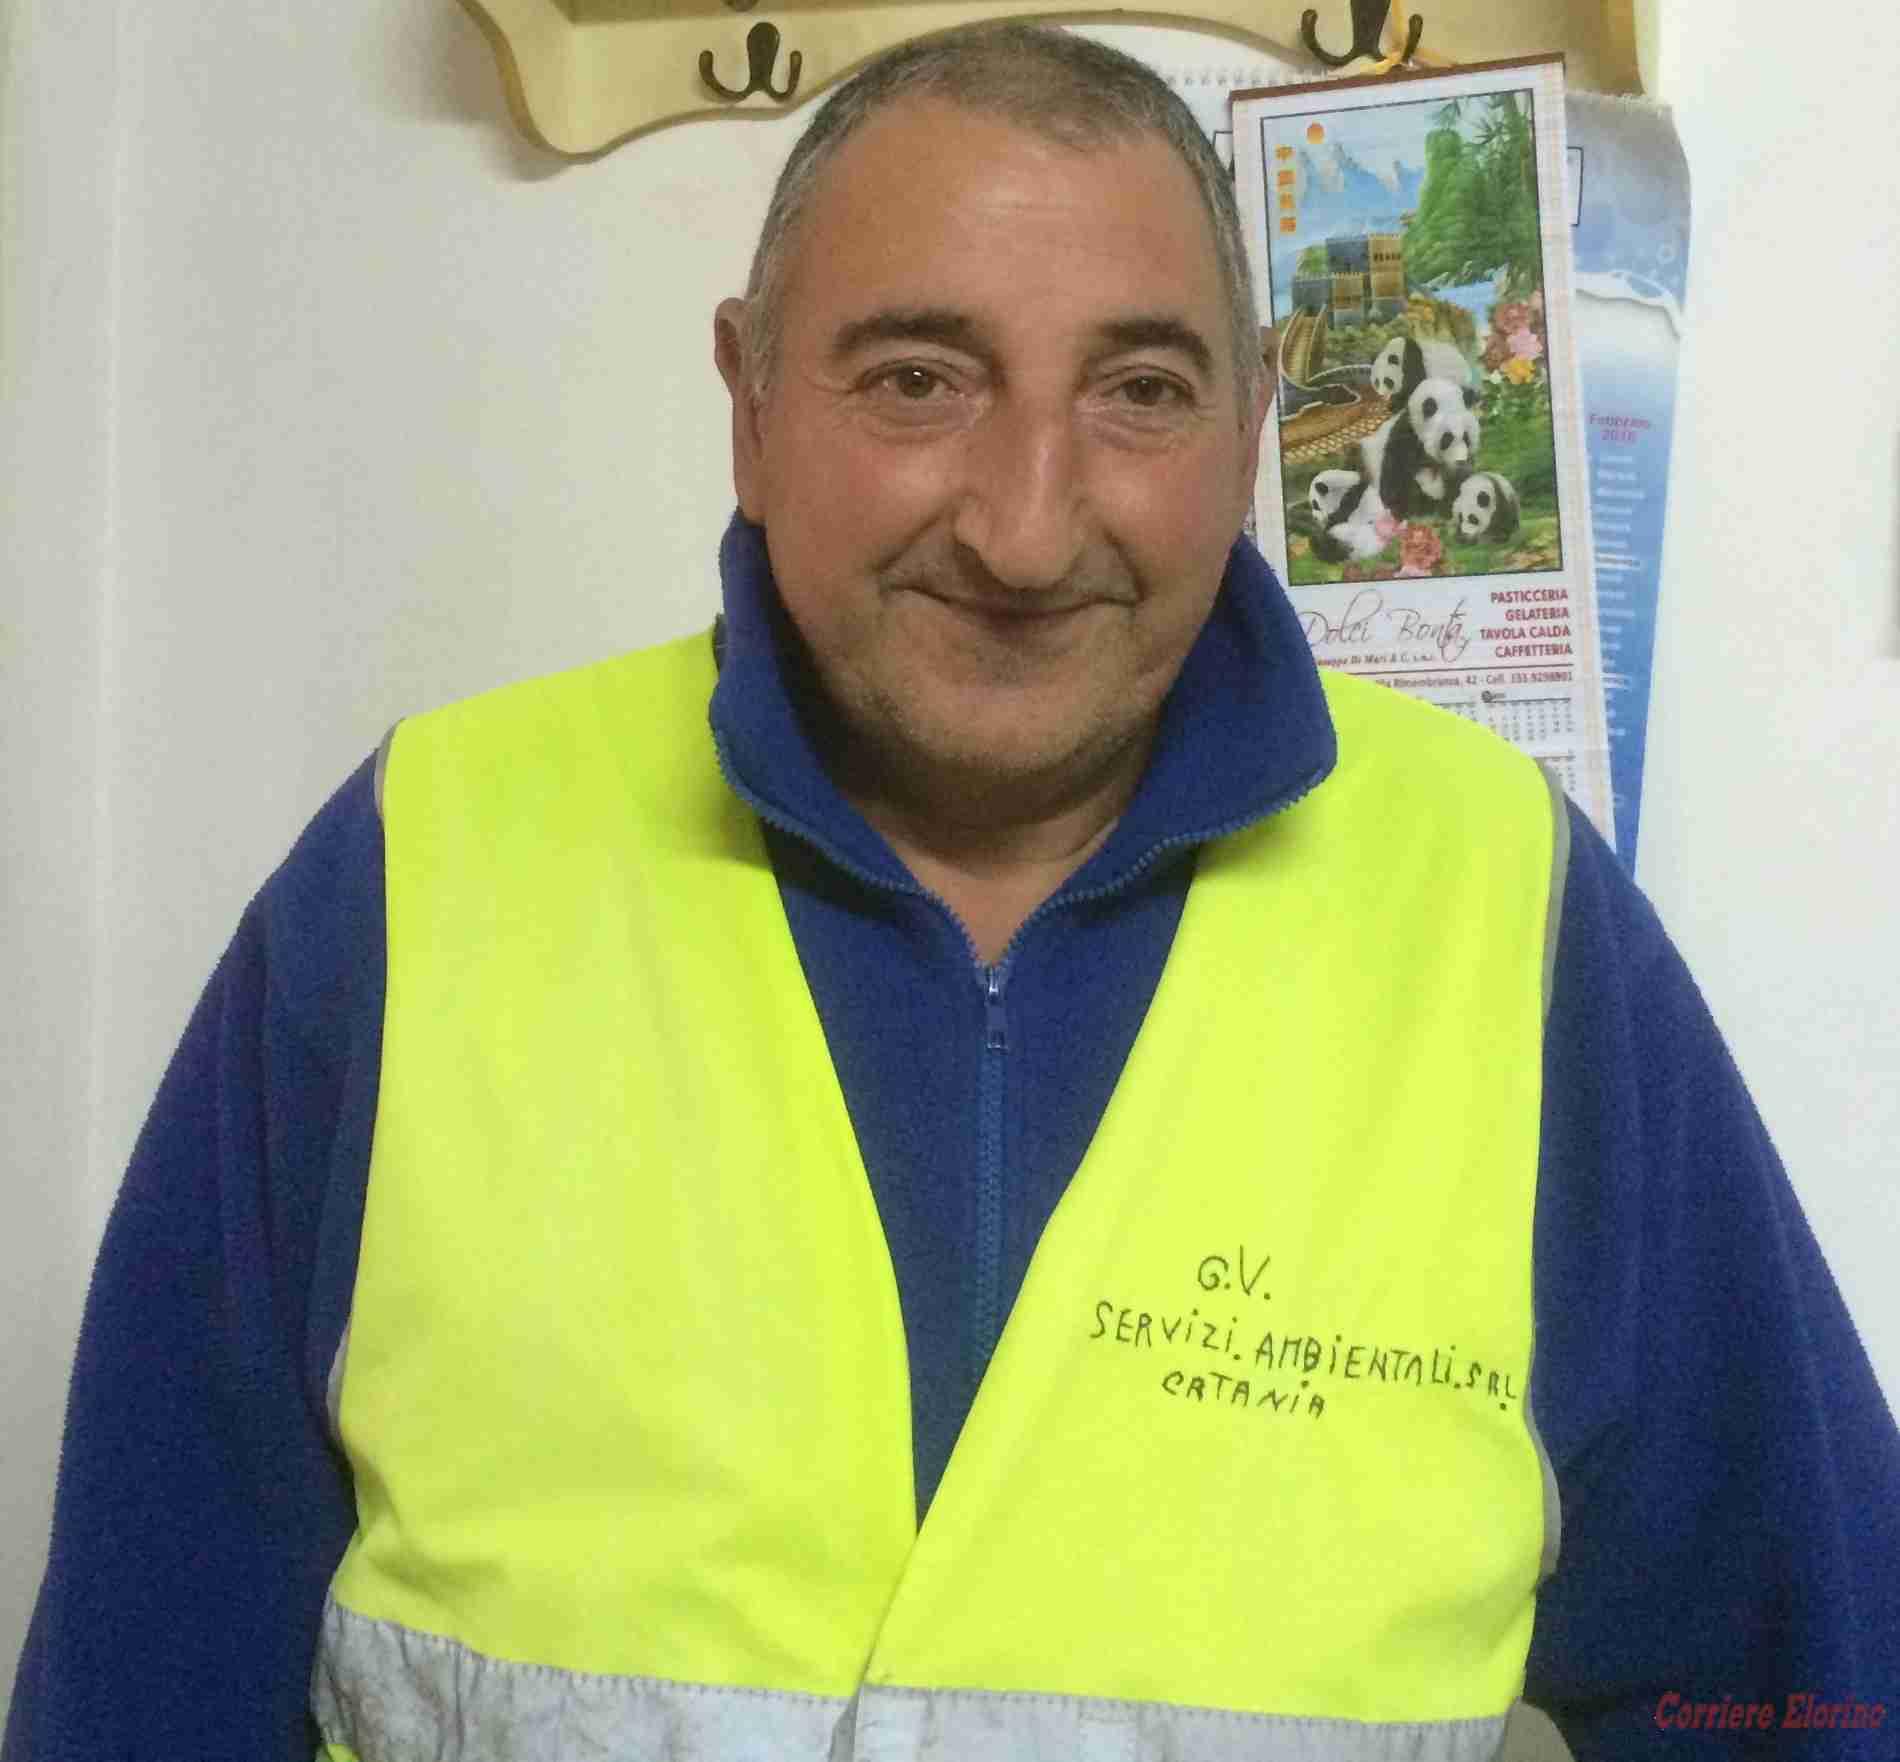 Operatori ecologici senza stipendio, domani assemblea congiunta Fiadel e Cgil